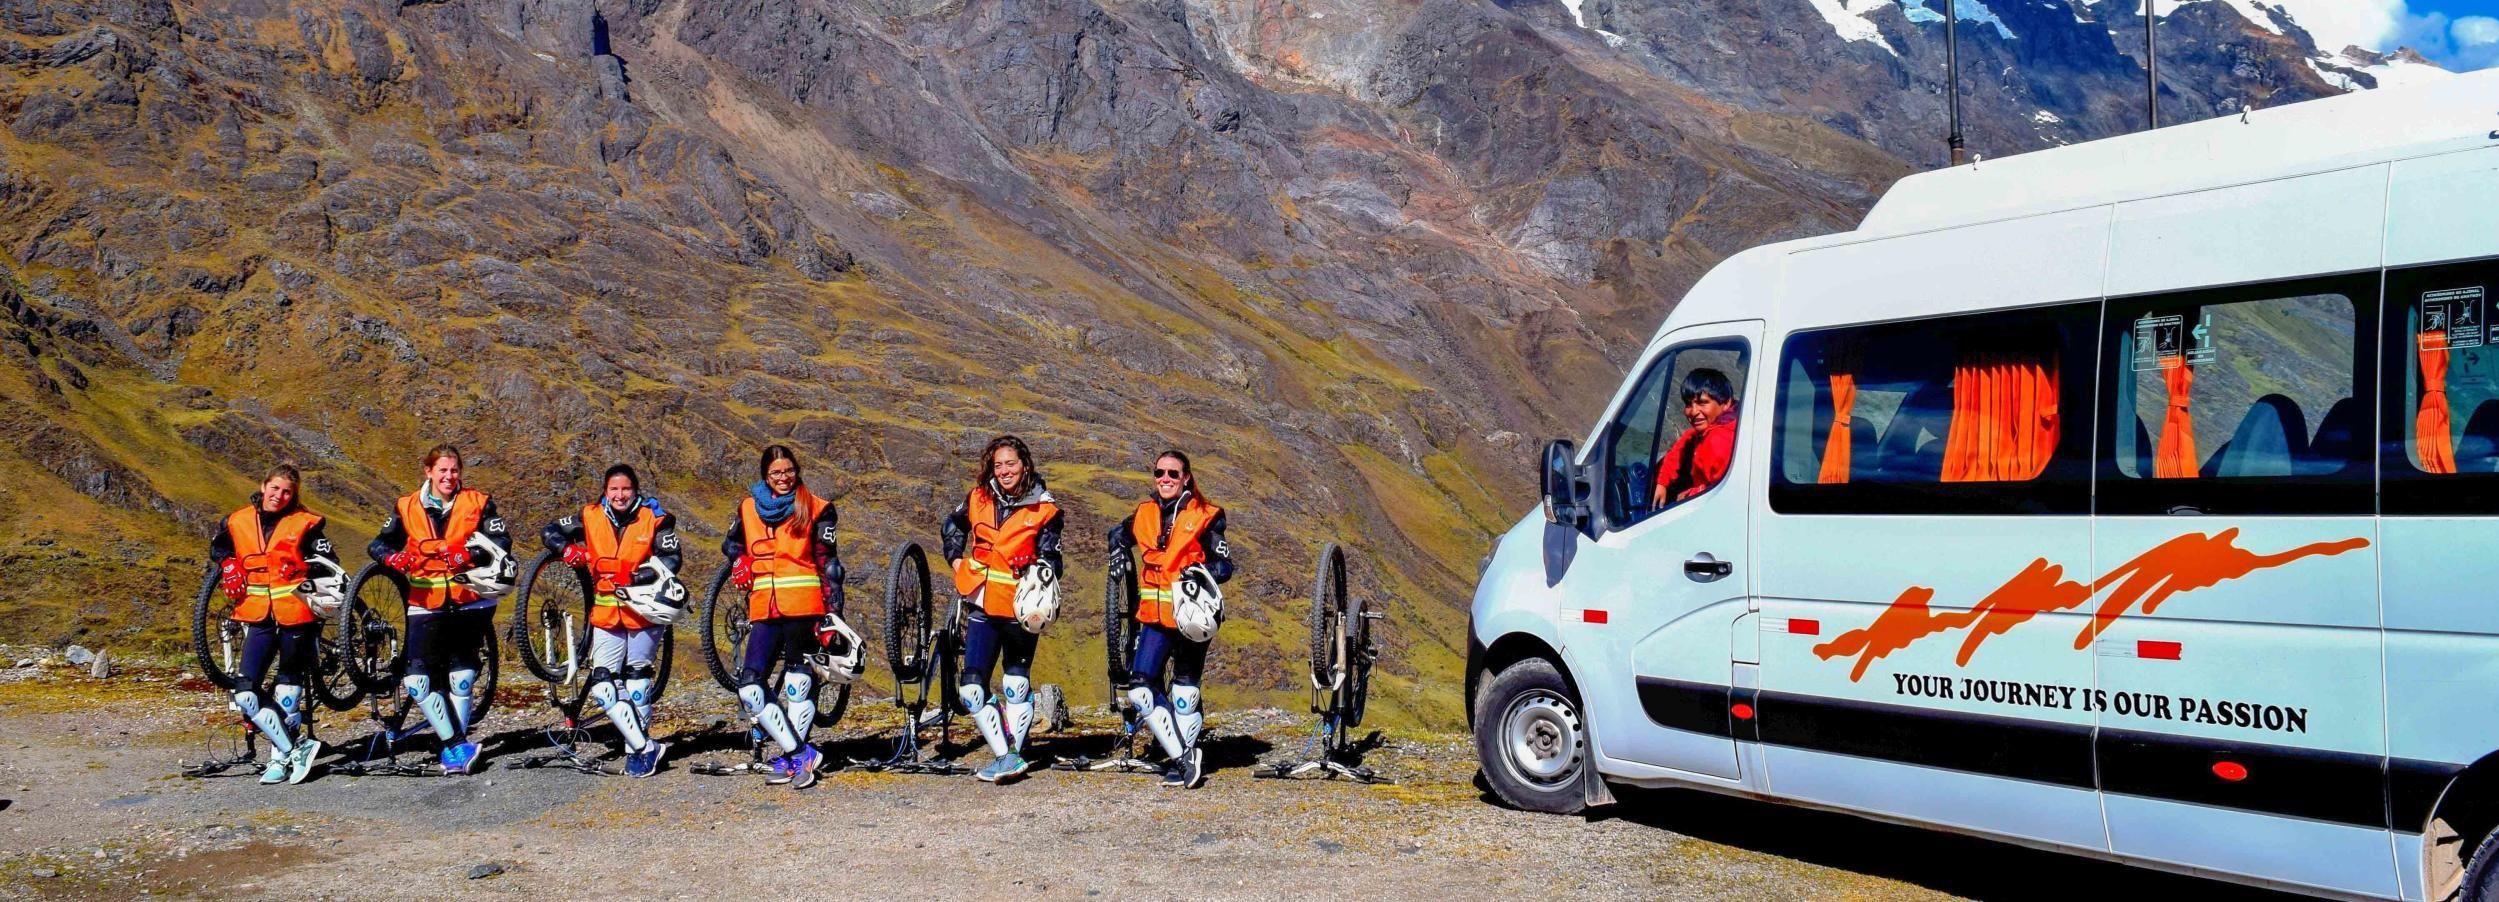 Aventura inca de 2 días con ciclismo de montaña y rafting